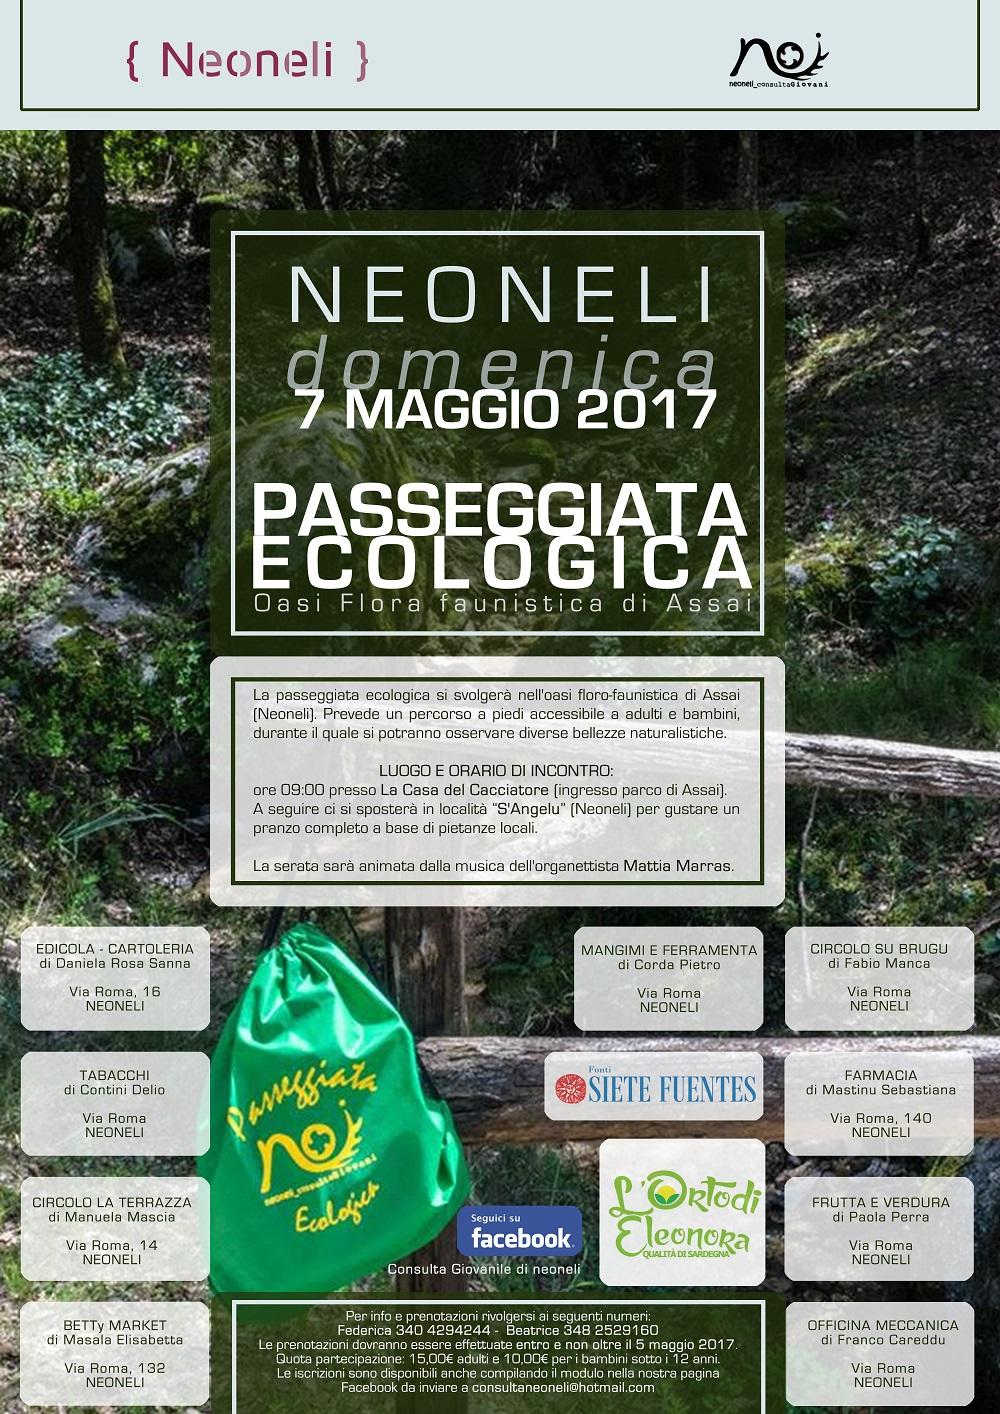 Passeggiata ecologica del il 7 maggio 2017